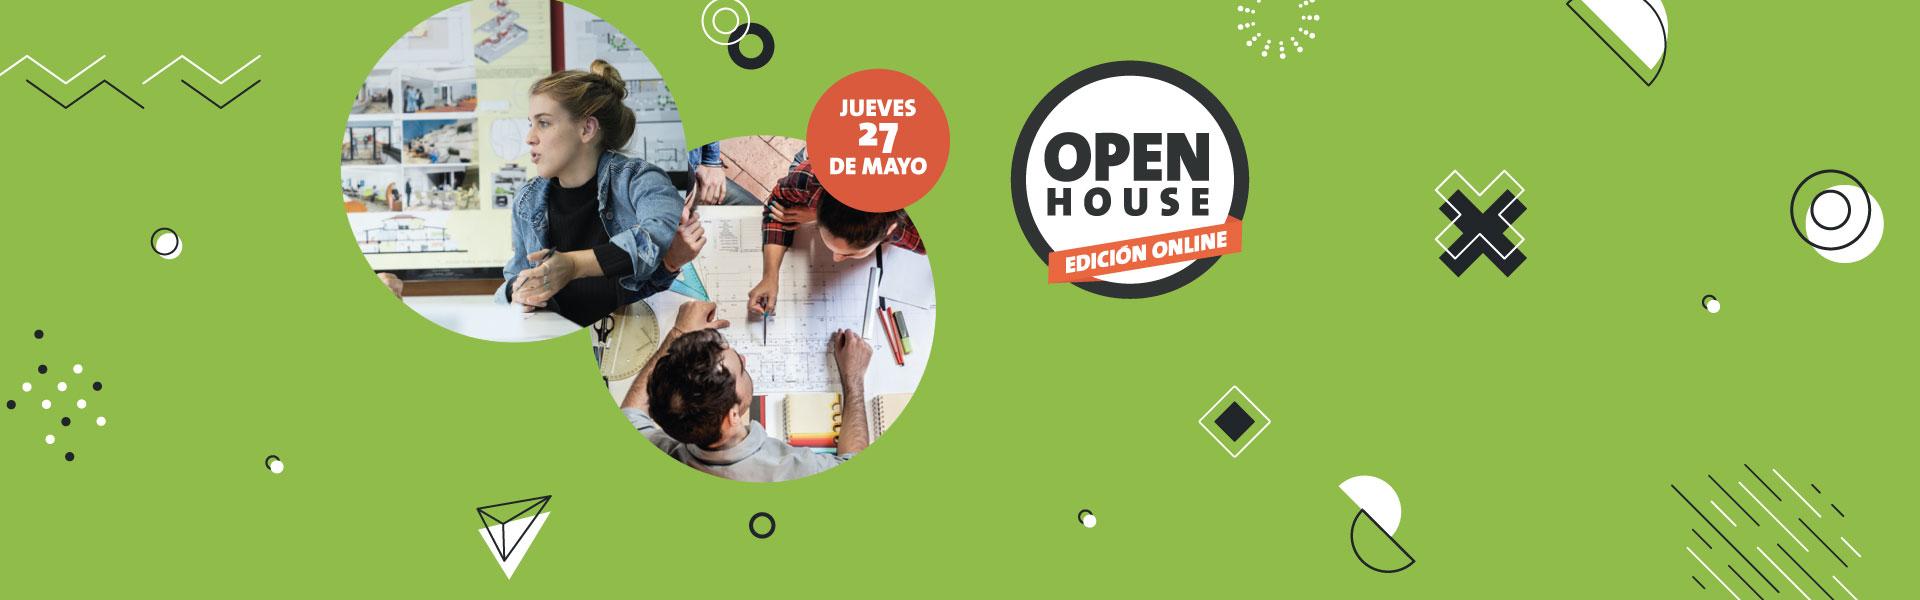 Open house edición mayo 2021